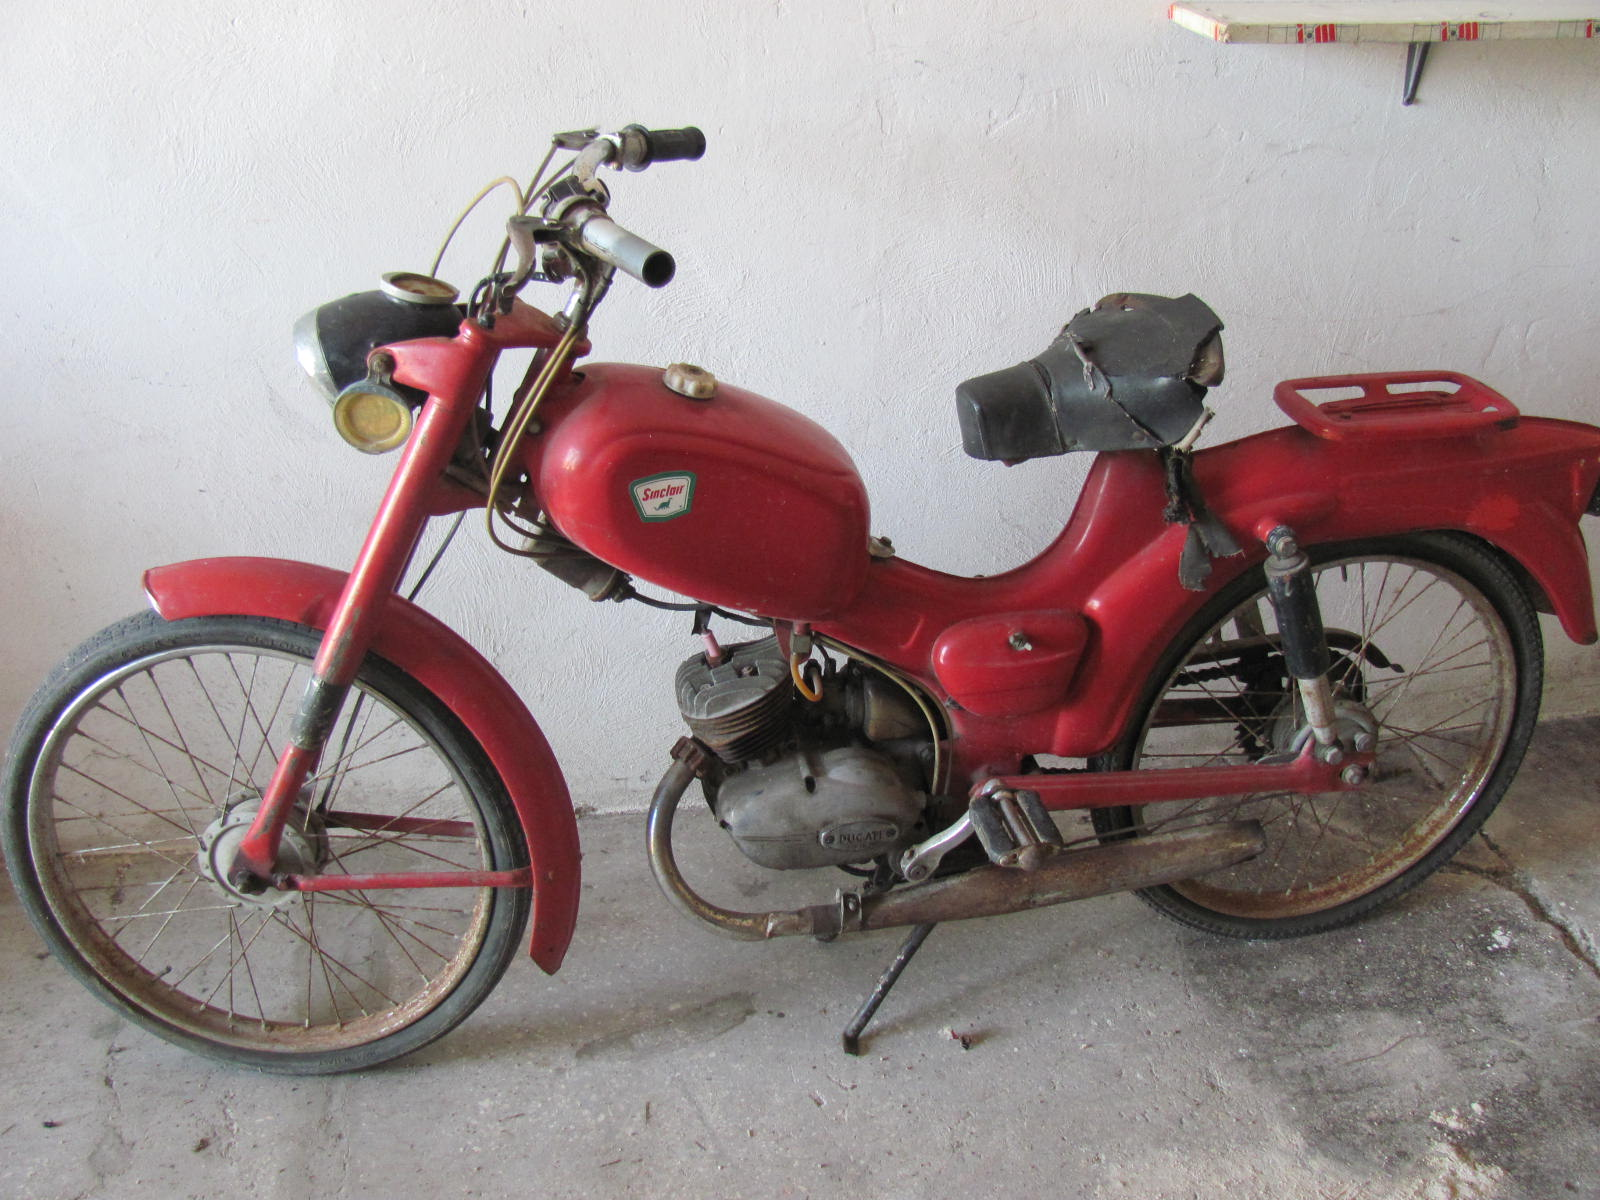 Ducati 50 cc